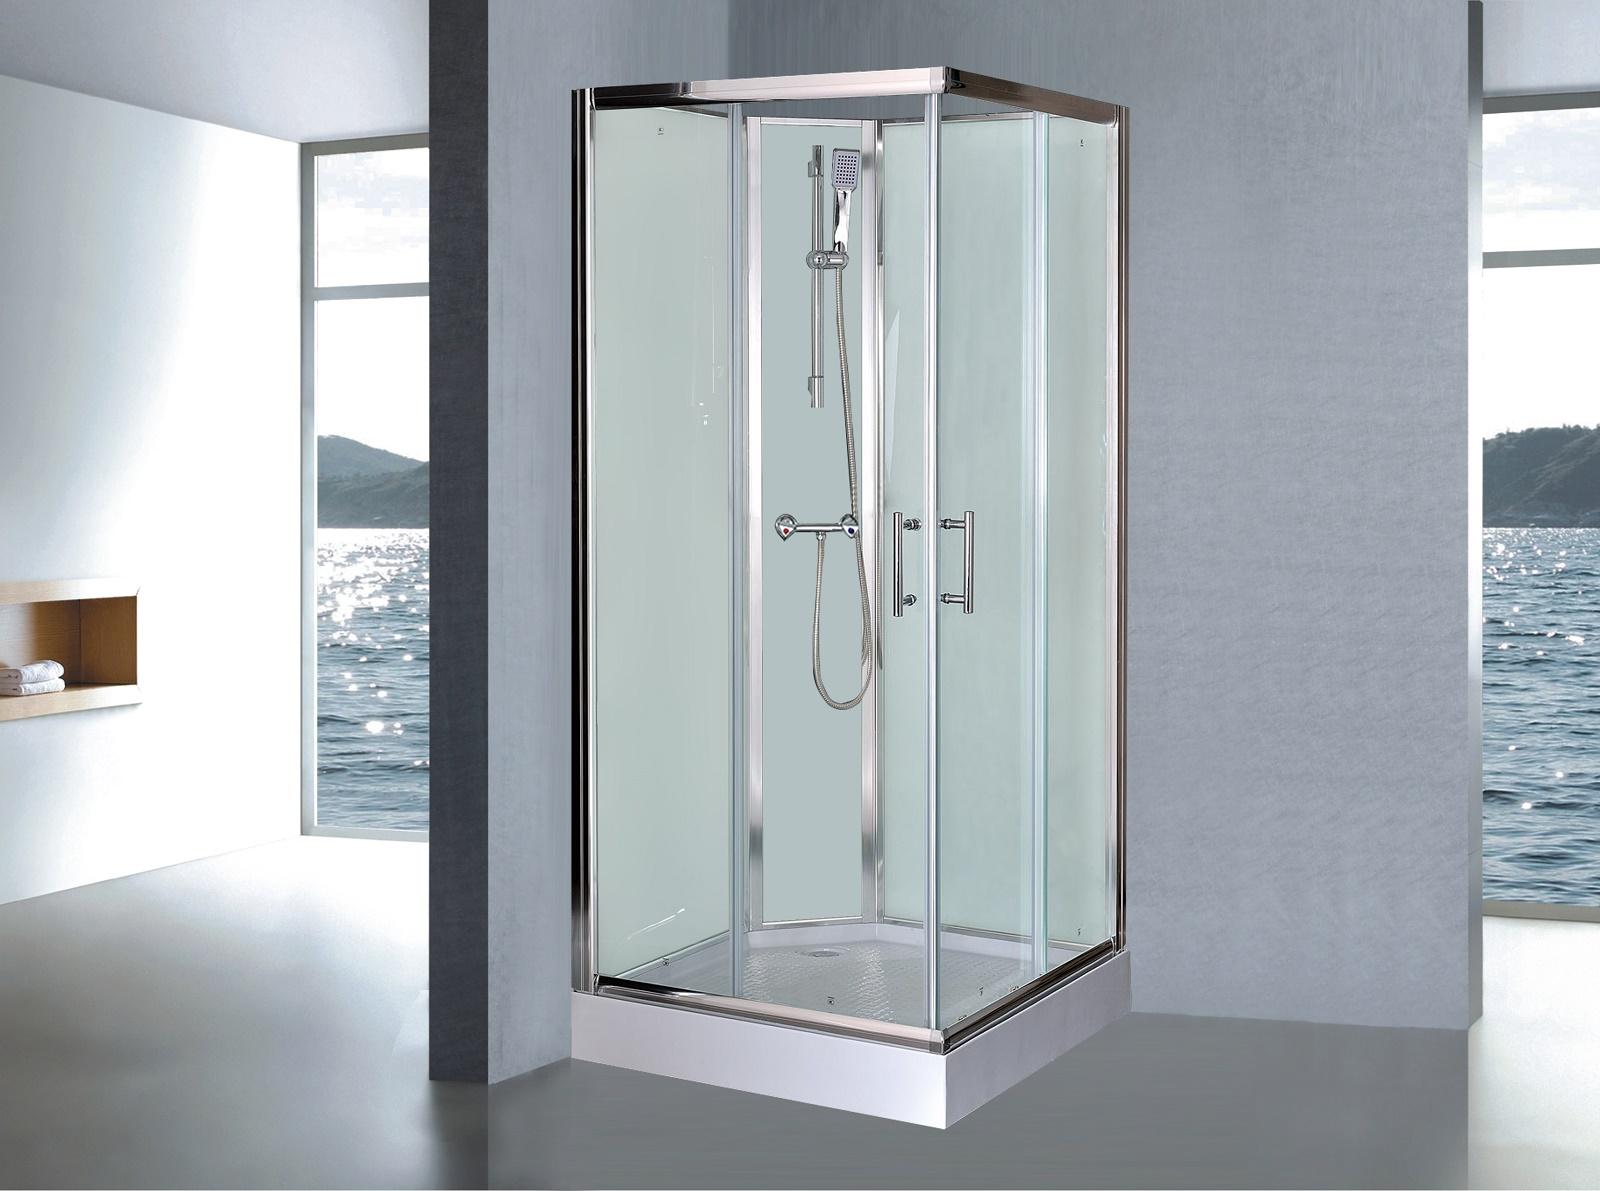 Gamma badkamer douchecabine: euro hoekinstap wit cm douchecabines